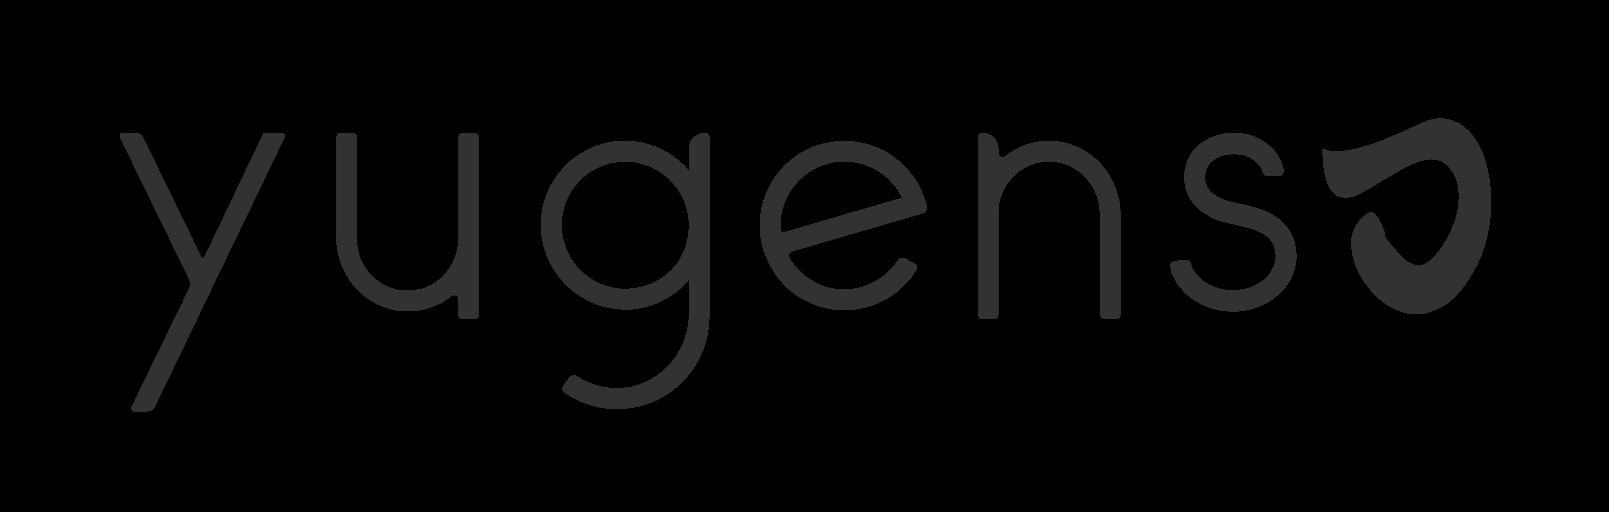 Yugenso